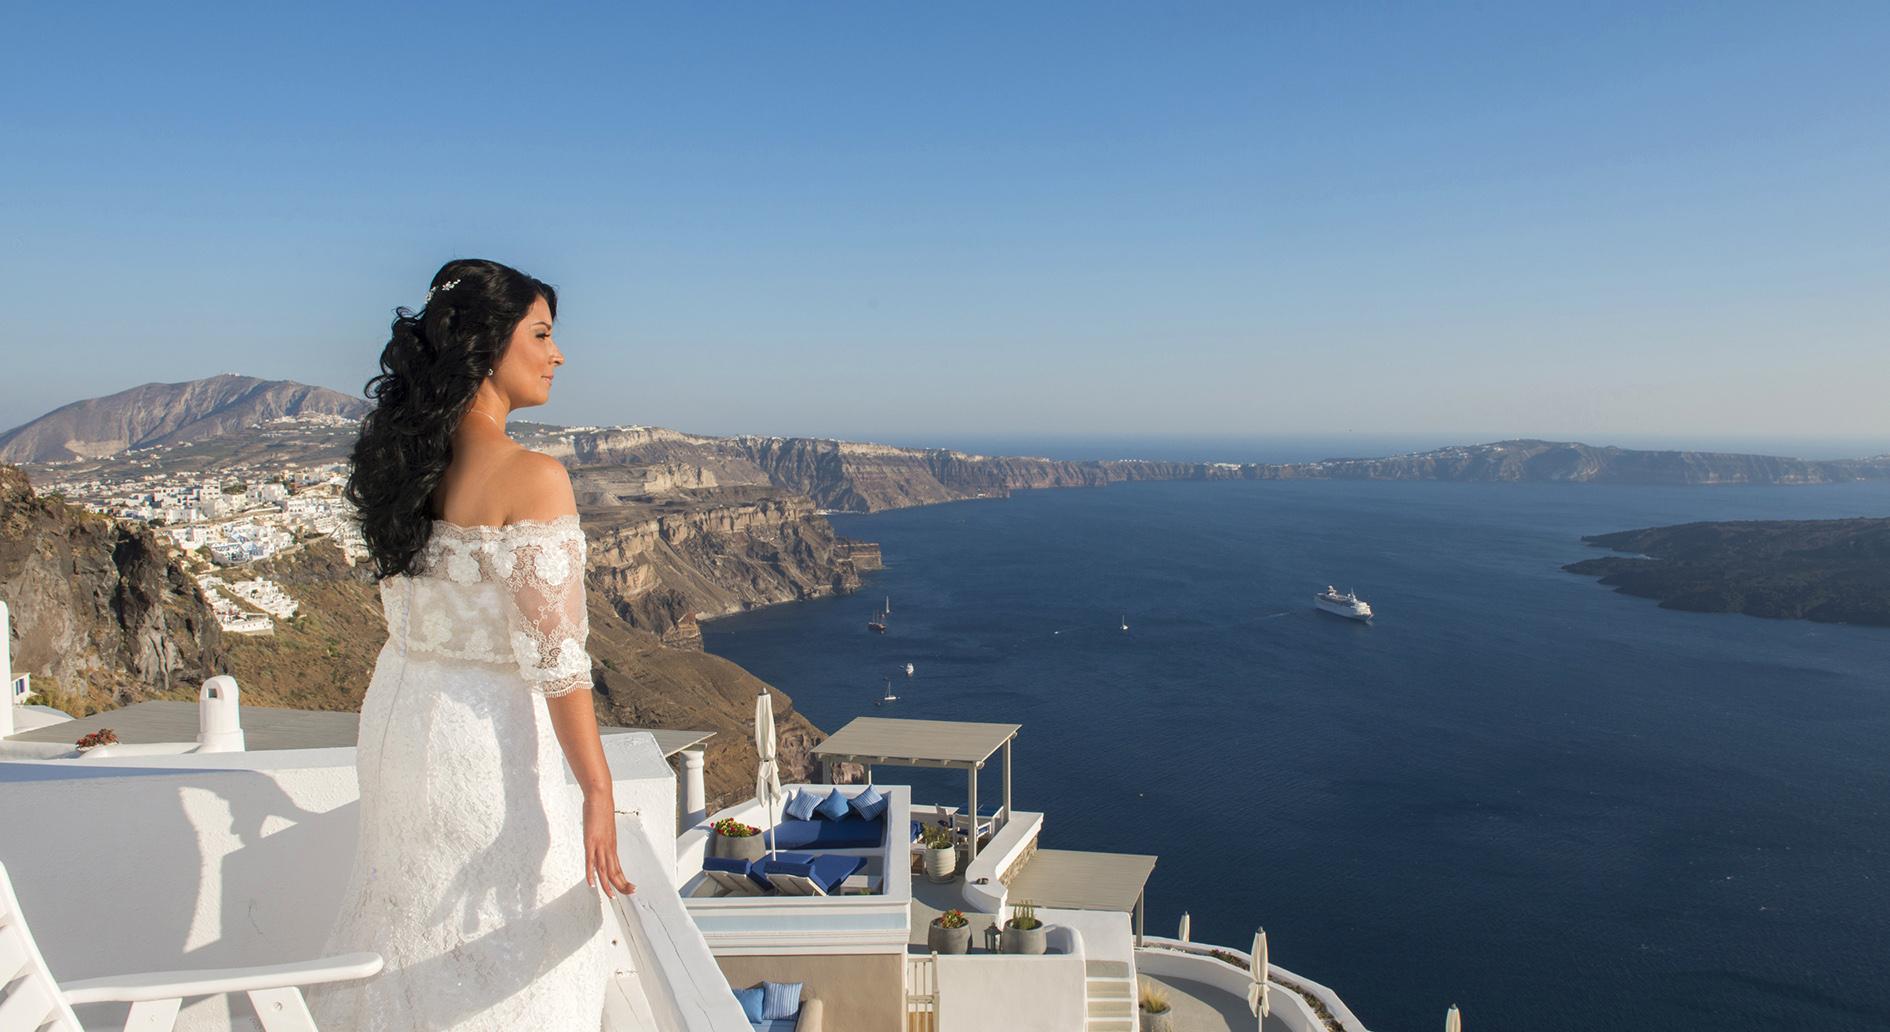 Santorini Among Top Destinations For Weddings Abroad